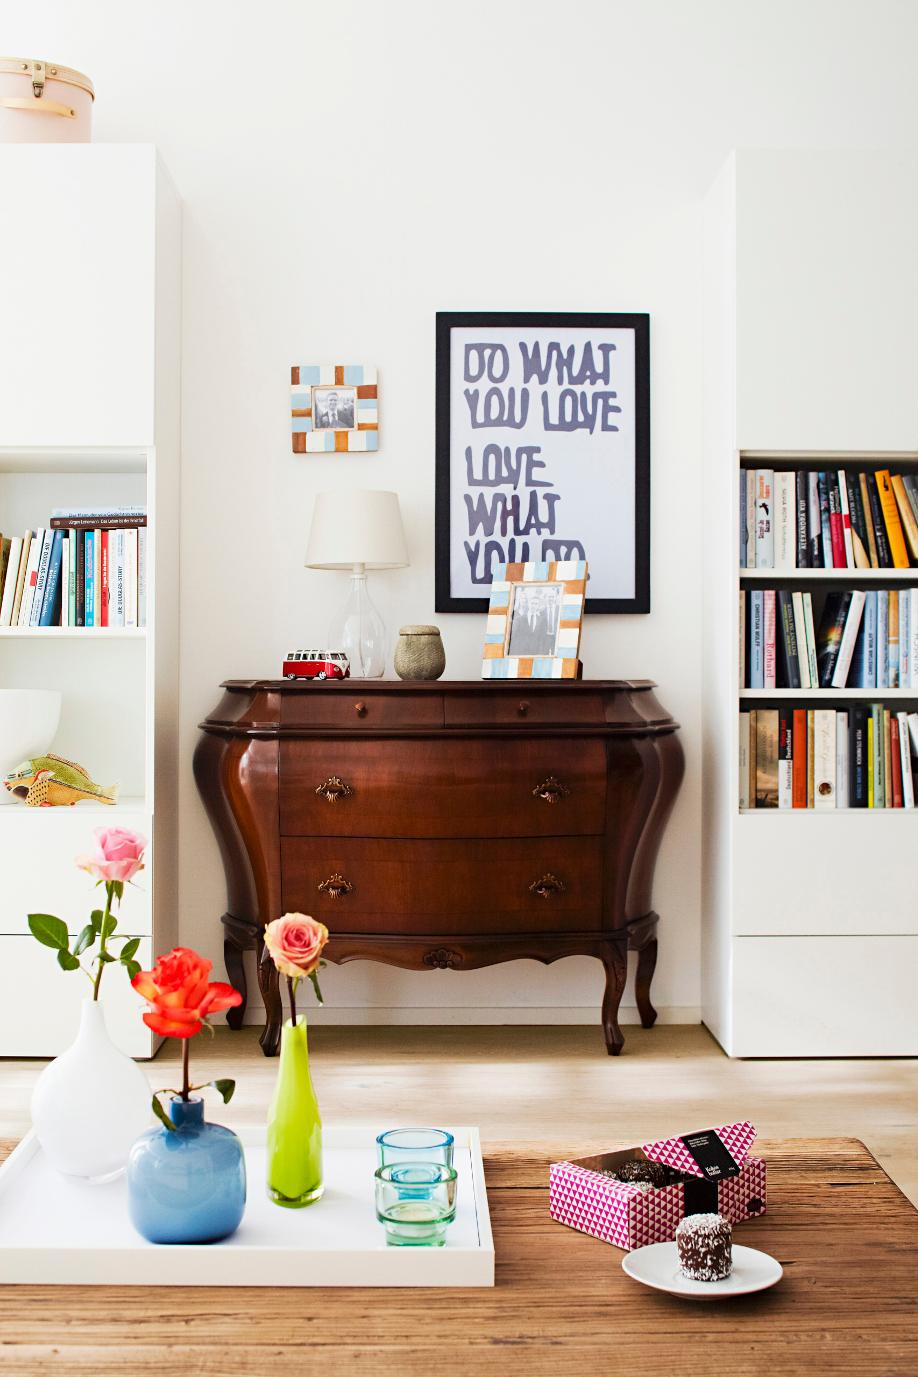 10-idee-per-rinnovare-il-salotto, Arredamento, Casa, Idee, Soggiorno, 10-idee